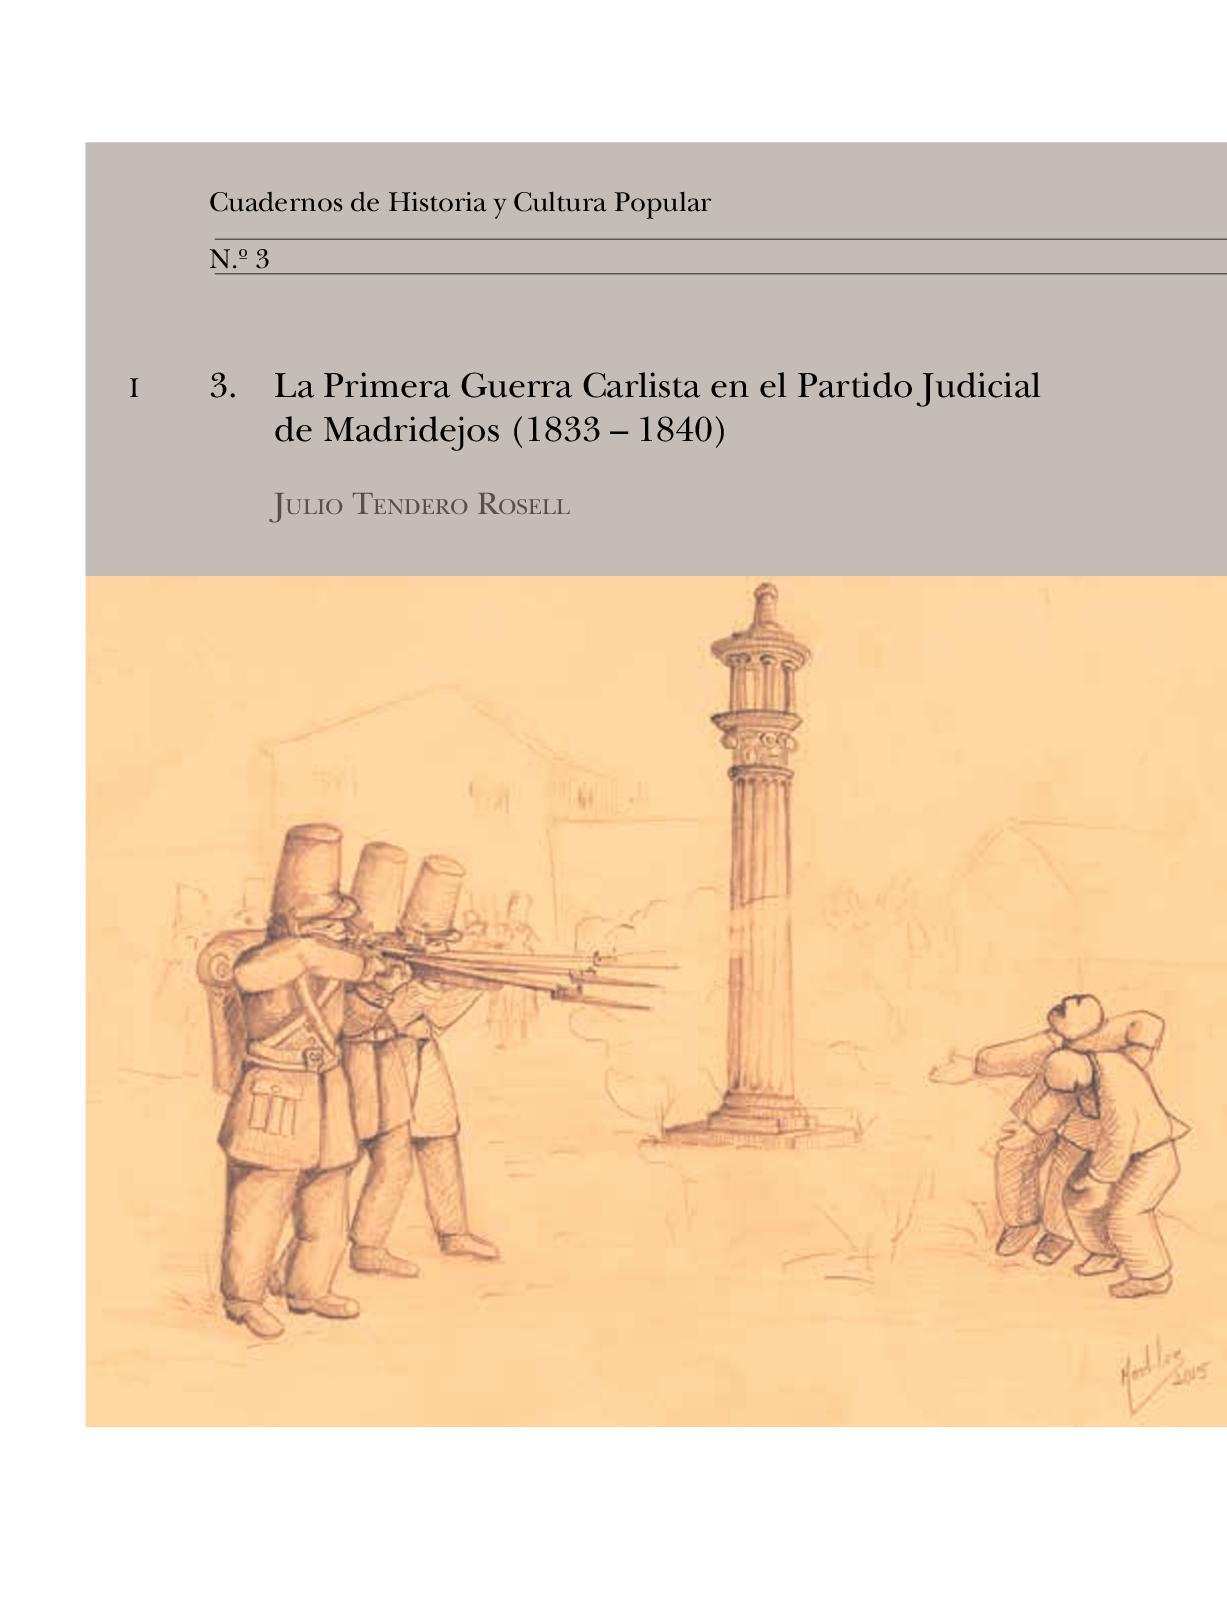 La Primera Guerra Carlista en el Partido Judicial de Madridejos (1833 – 1840)